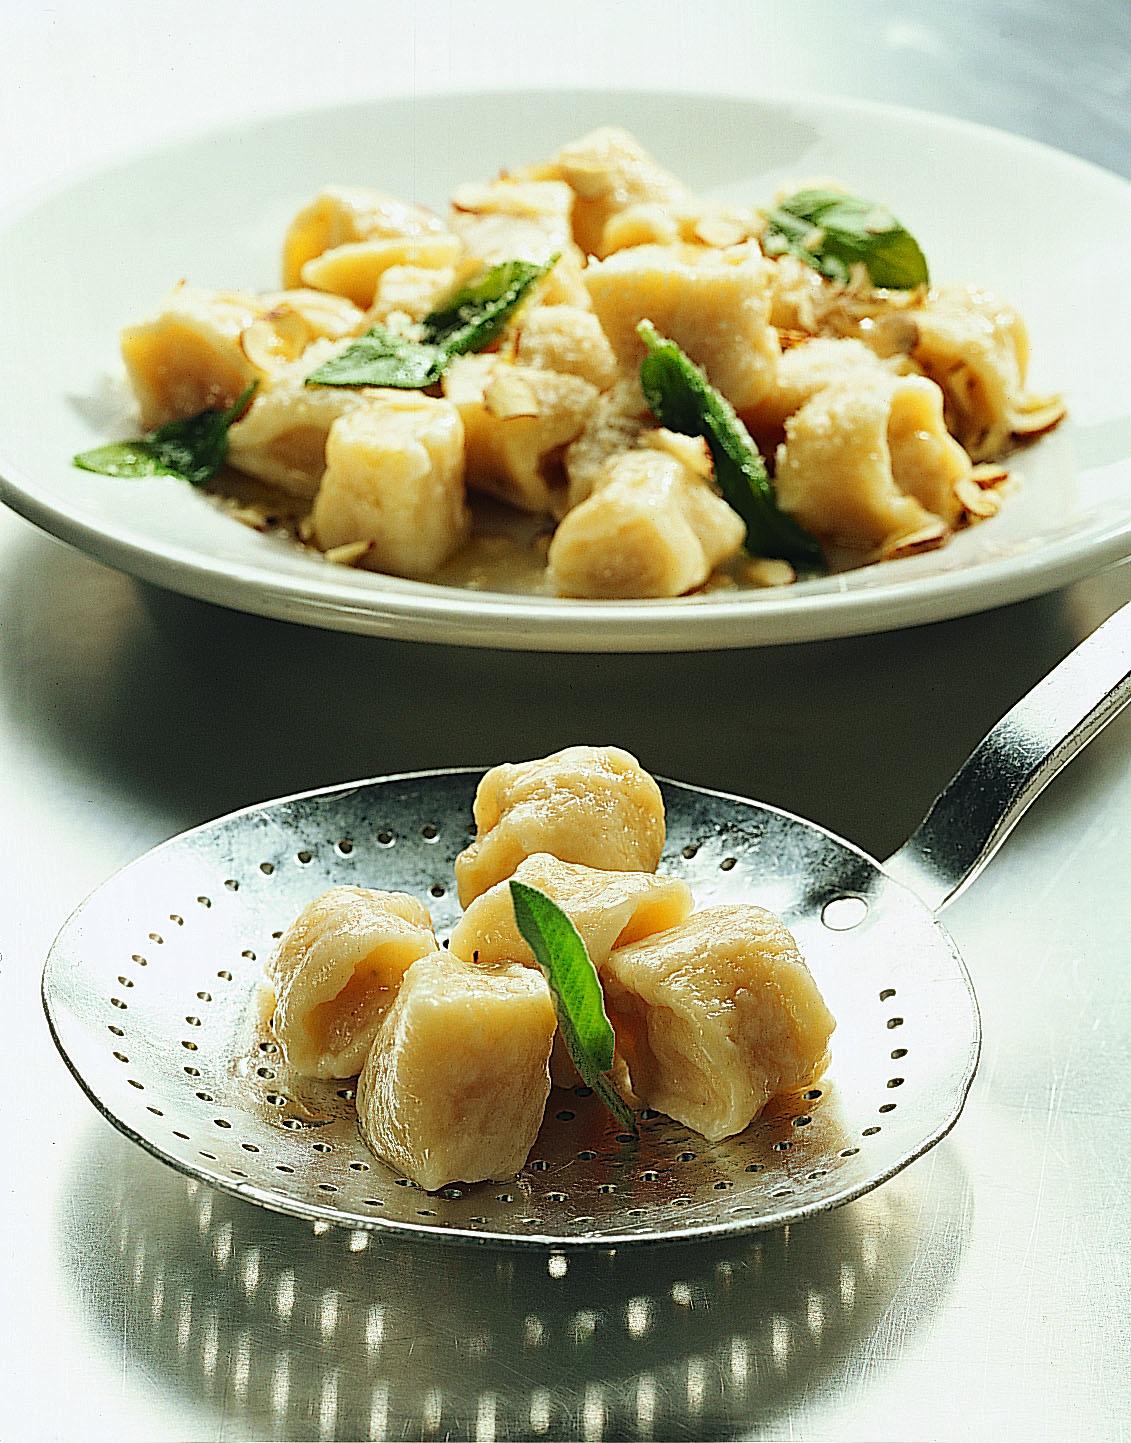 Gnocchi aux coings beurre noix et sauge